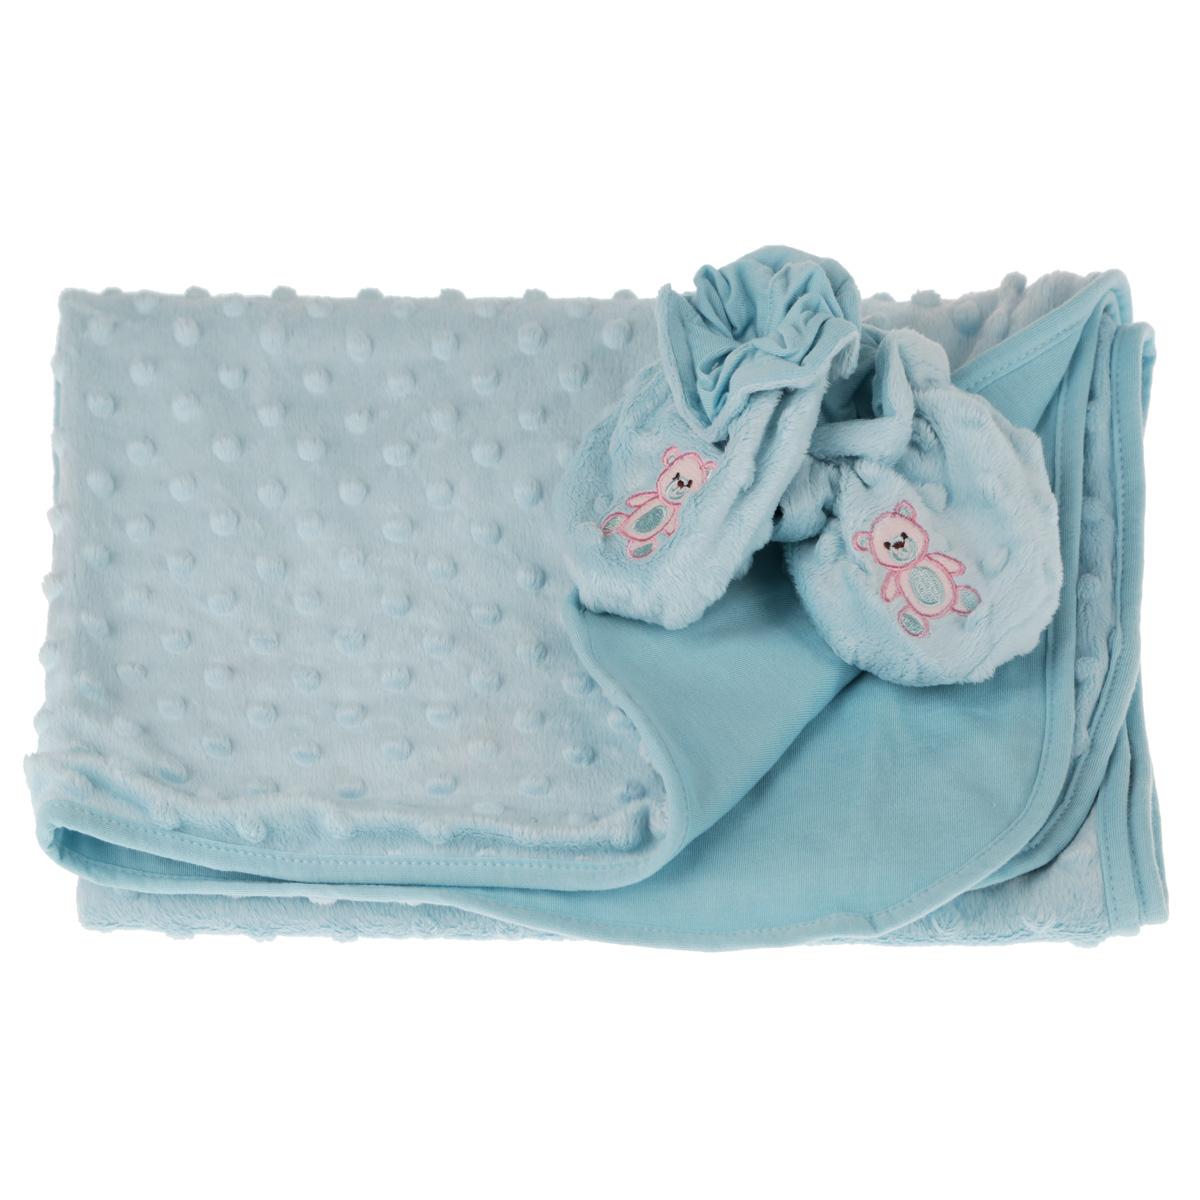 Набор детский Baby Nice: покрывало, пинетки, цвет: голубой531-105Детский набор Baby Nice в коляску, состоит из одеяла и пинеток. Набор изготовлен из экологичных материалов: верх изготовлен из ткани нового поколения Micro Velour, обладающей терморегулирующими и влагорегулирующими свойствами, подкладка - 100% натуральный хлопчатобумажный трикотаж. Пинетки украшены небольшой вышивкой в виде мишек. Они дышащие, из легкой воздухопроницаемой ткани, и сохраняющие тепло, что не позволят замерзнуть ножкам ребенка. Мама малыша, укрытого потрясающе мягким, необыкновенно легким и исключительно теплым одеялом, может быть спокойна за покой и комфортный сон своего ребенка на прогулке, на свежем воздухе. Набор окрашен гипоаллергенными красителями. Размер одеяла: 70 см х 98 см. Пинетки для детей от 0 до 3 лет.